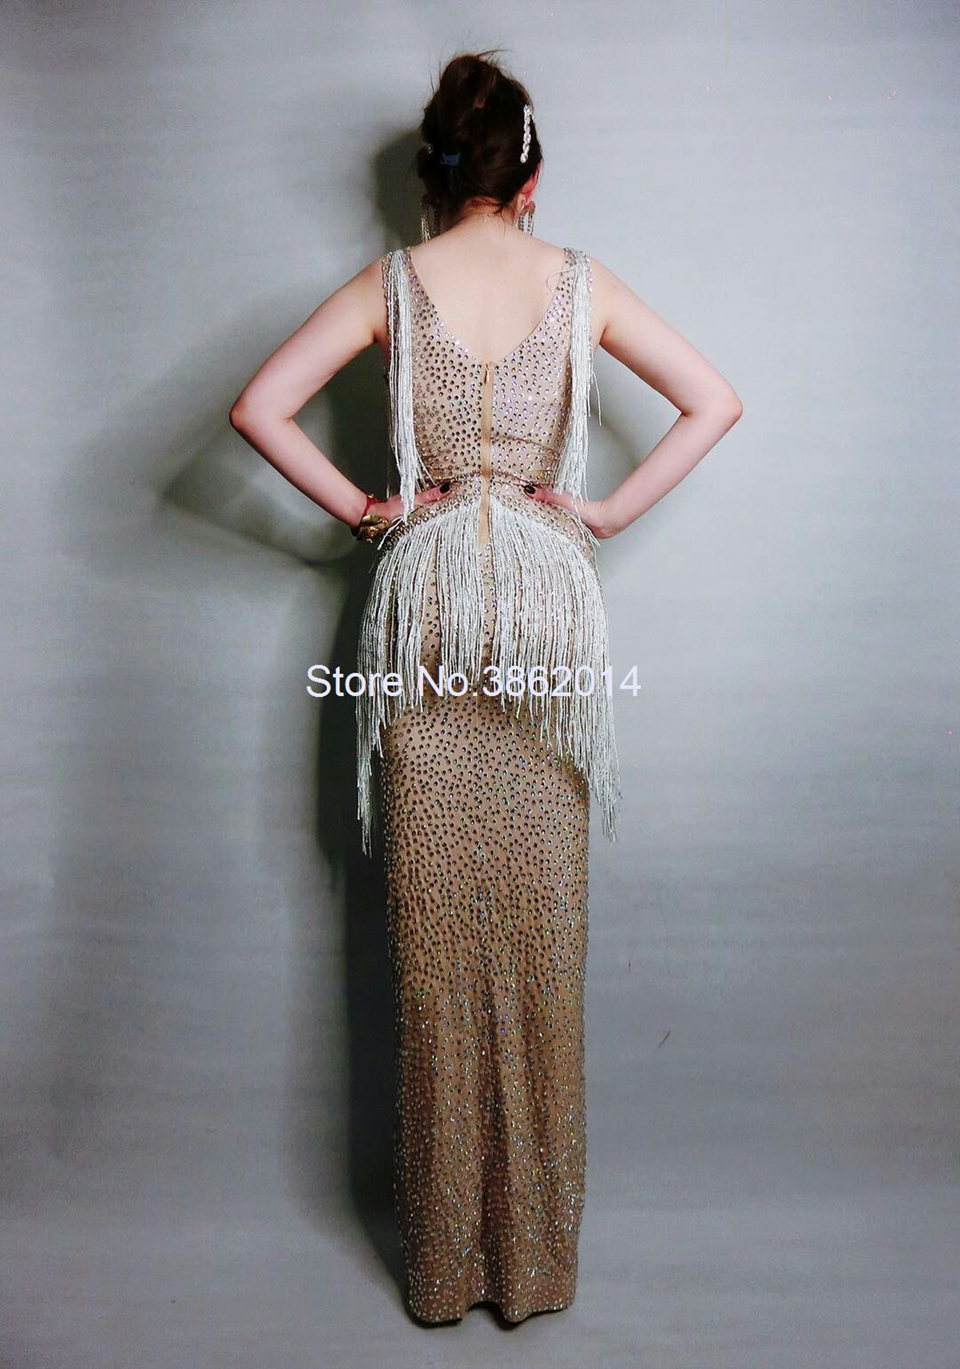 Sparkly cristais franja vestido cantor desempenho traje festa de aniversário celebridade cheia strass vestidos sem mangas vestido longo - 6